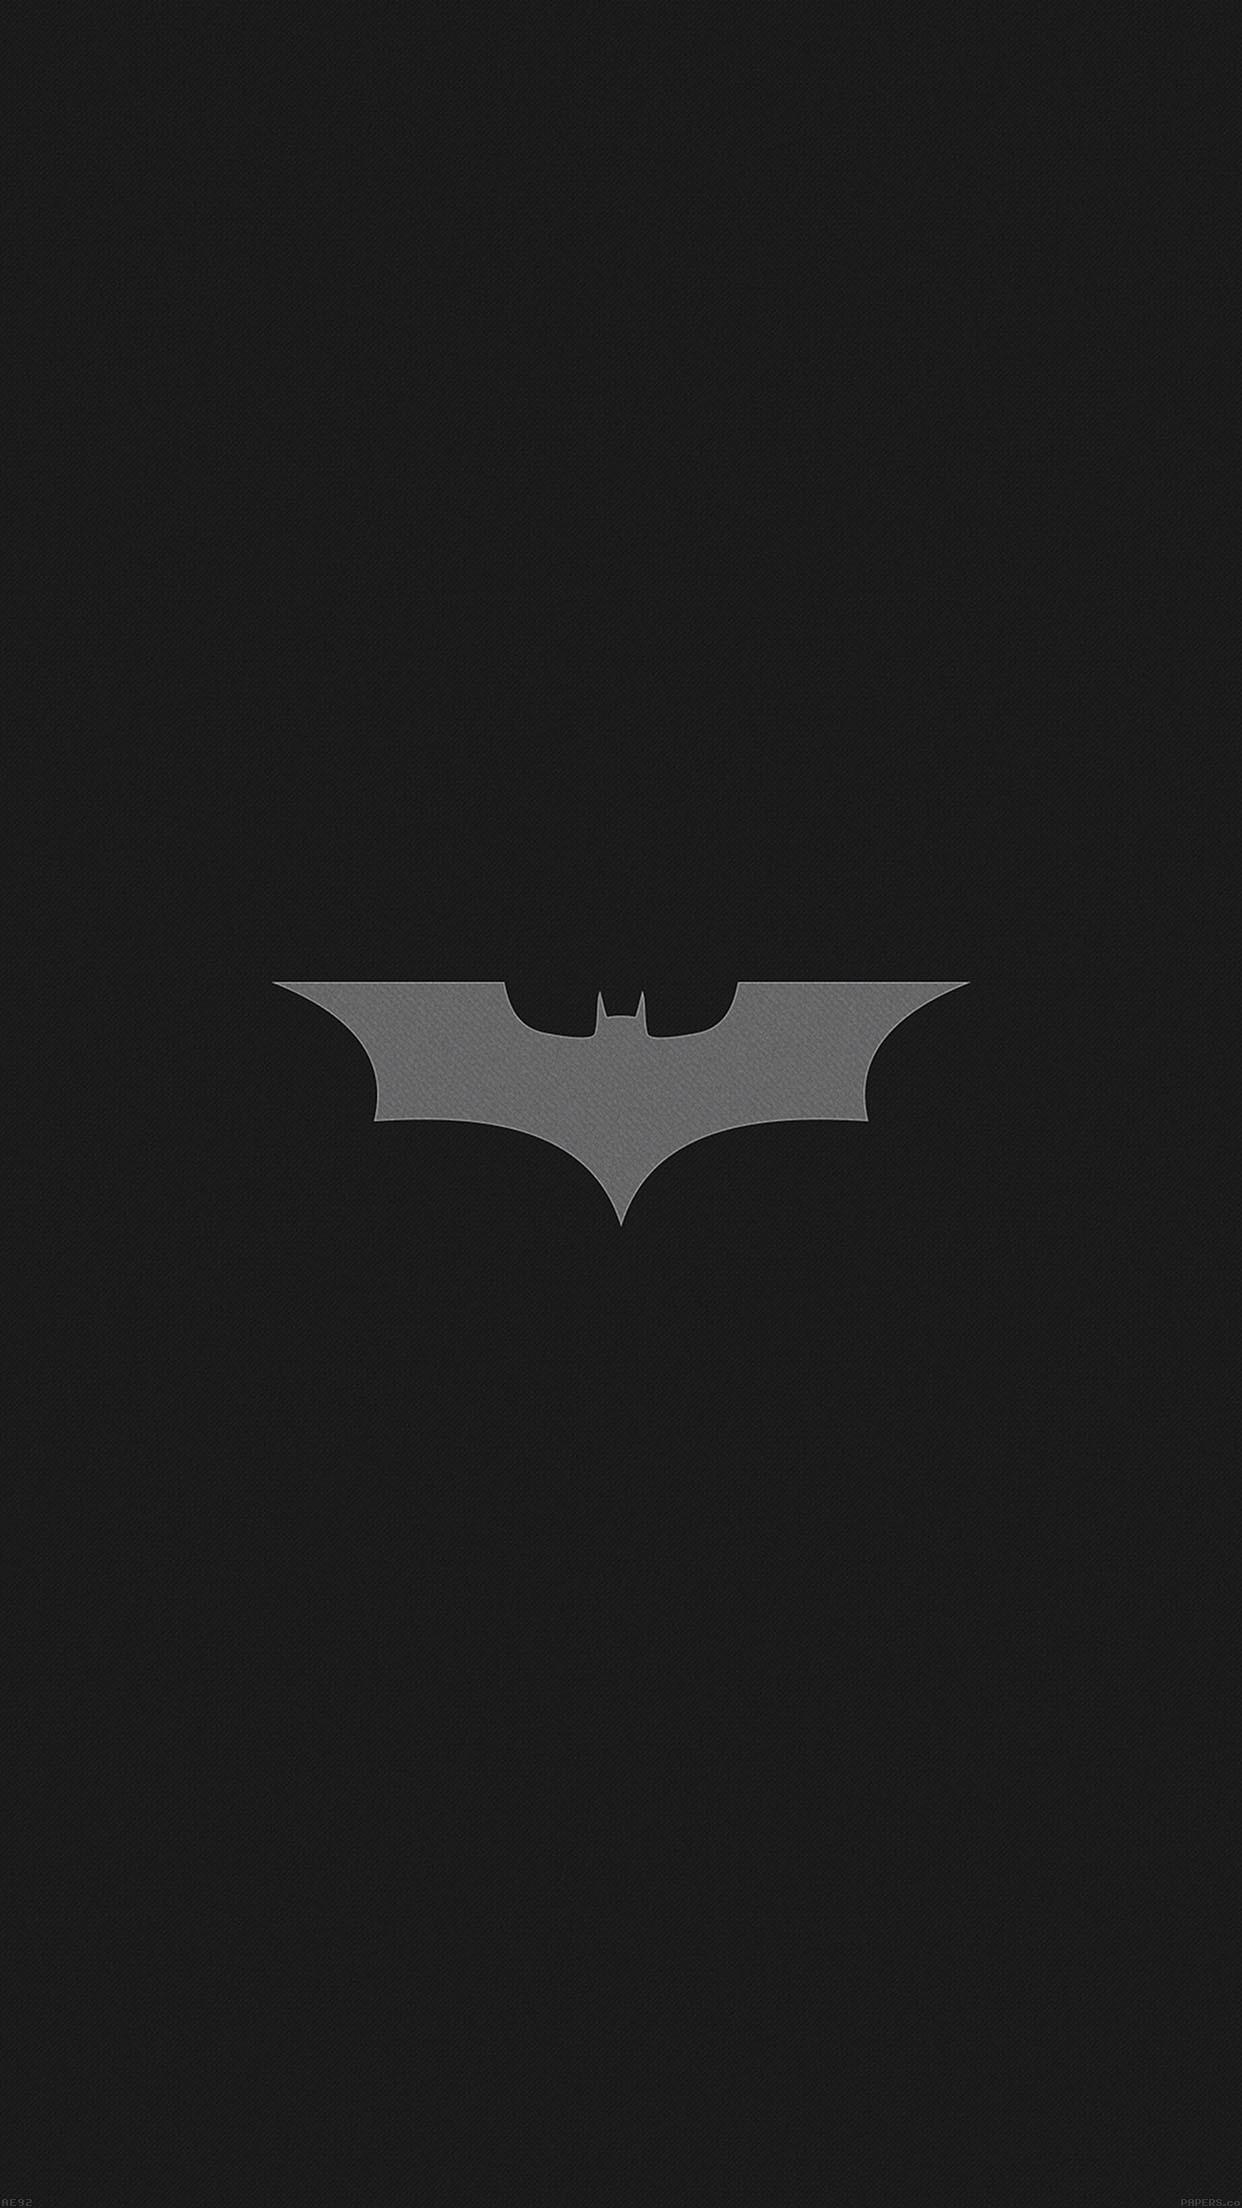 Wallpaper Hd Batman Logo Posted By Ryan Simpson